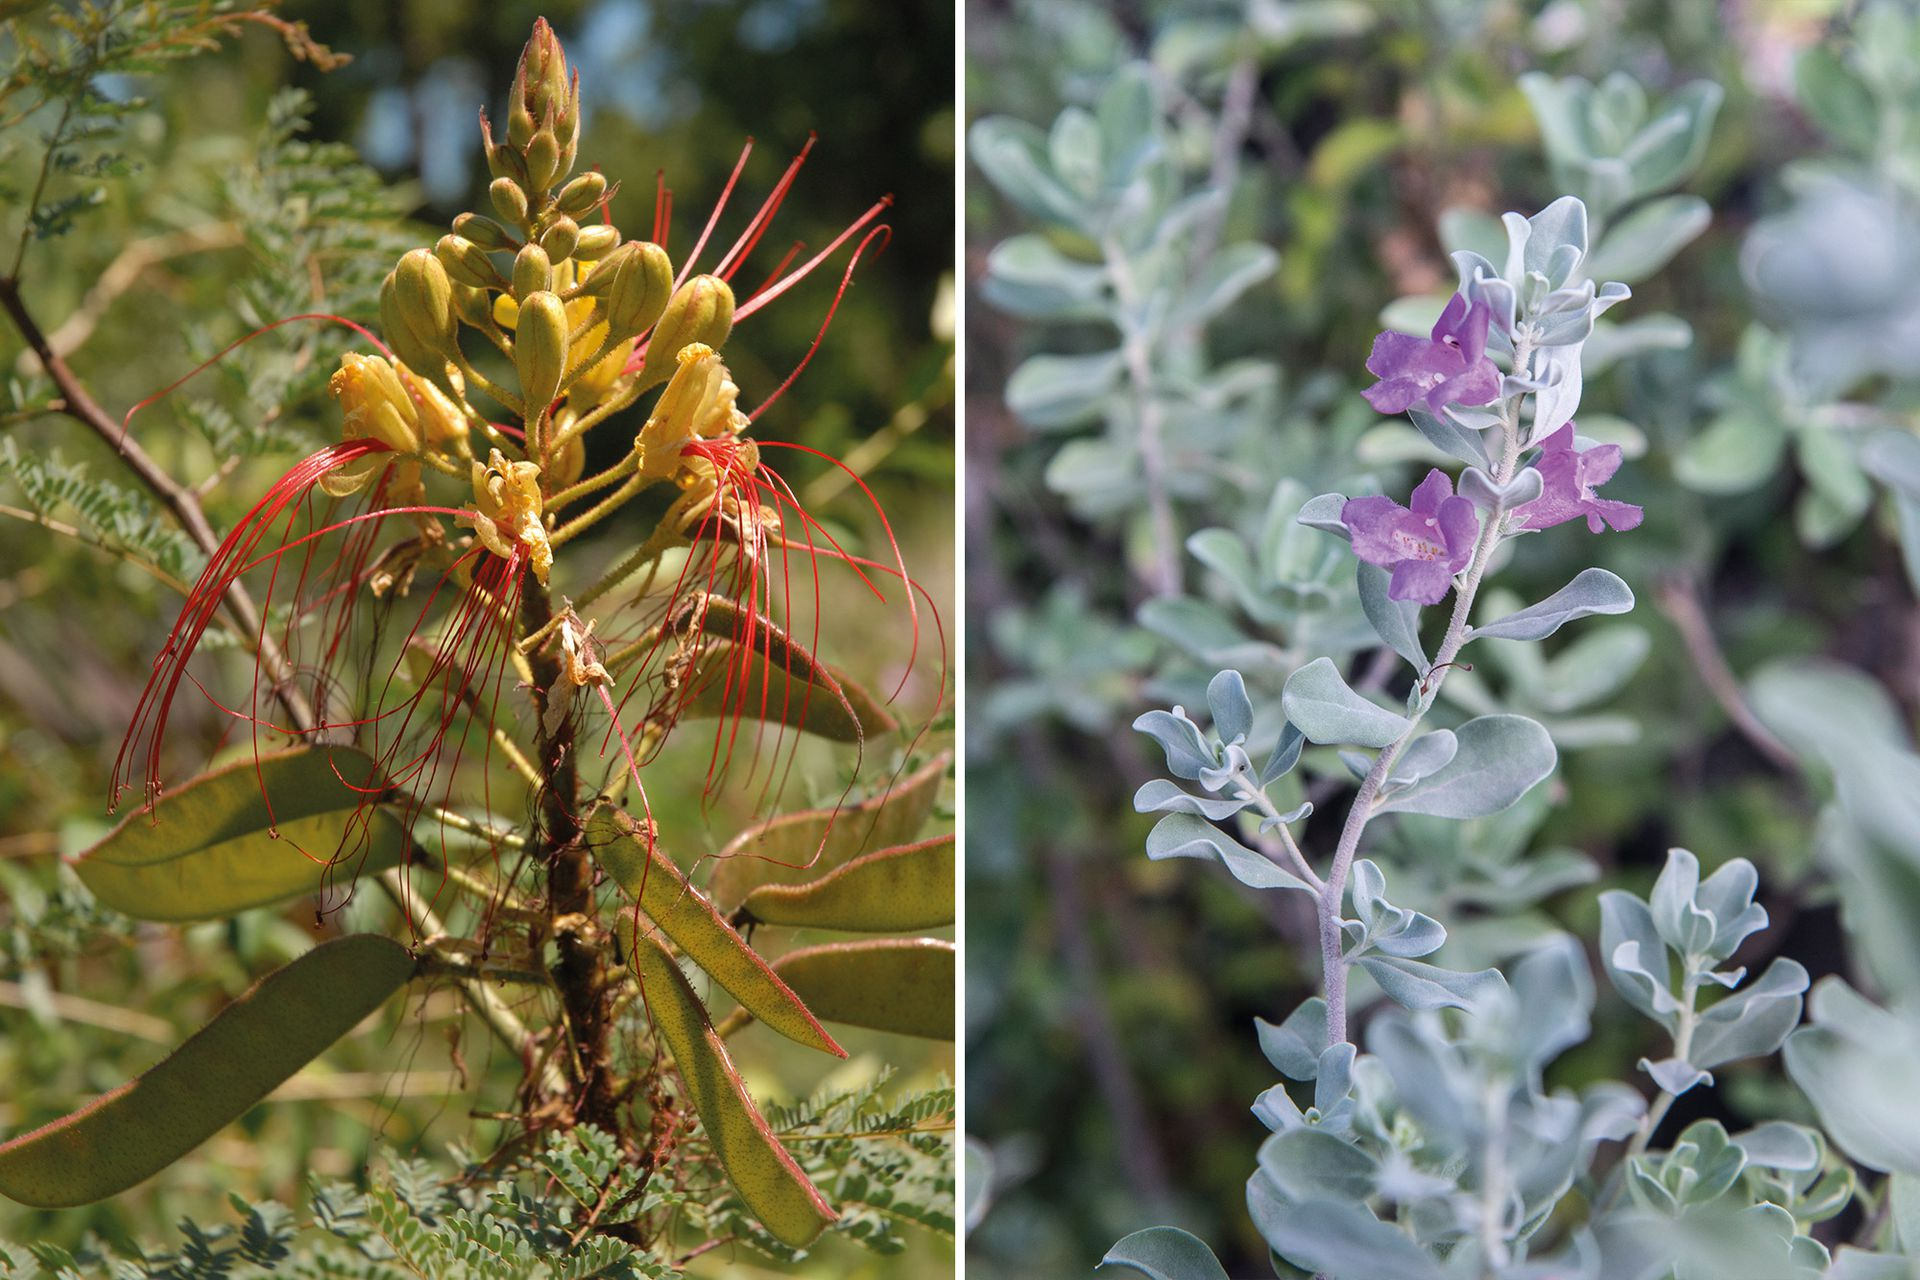 Mal de ojos (Erythostemon gilliessi) requiere riego escaso. La salvia tejana (Leucophyllum frutescens 'Compacta'), otro arbusto apto para zonas áridas, necesita riego medio a bajo.